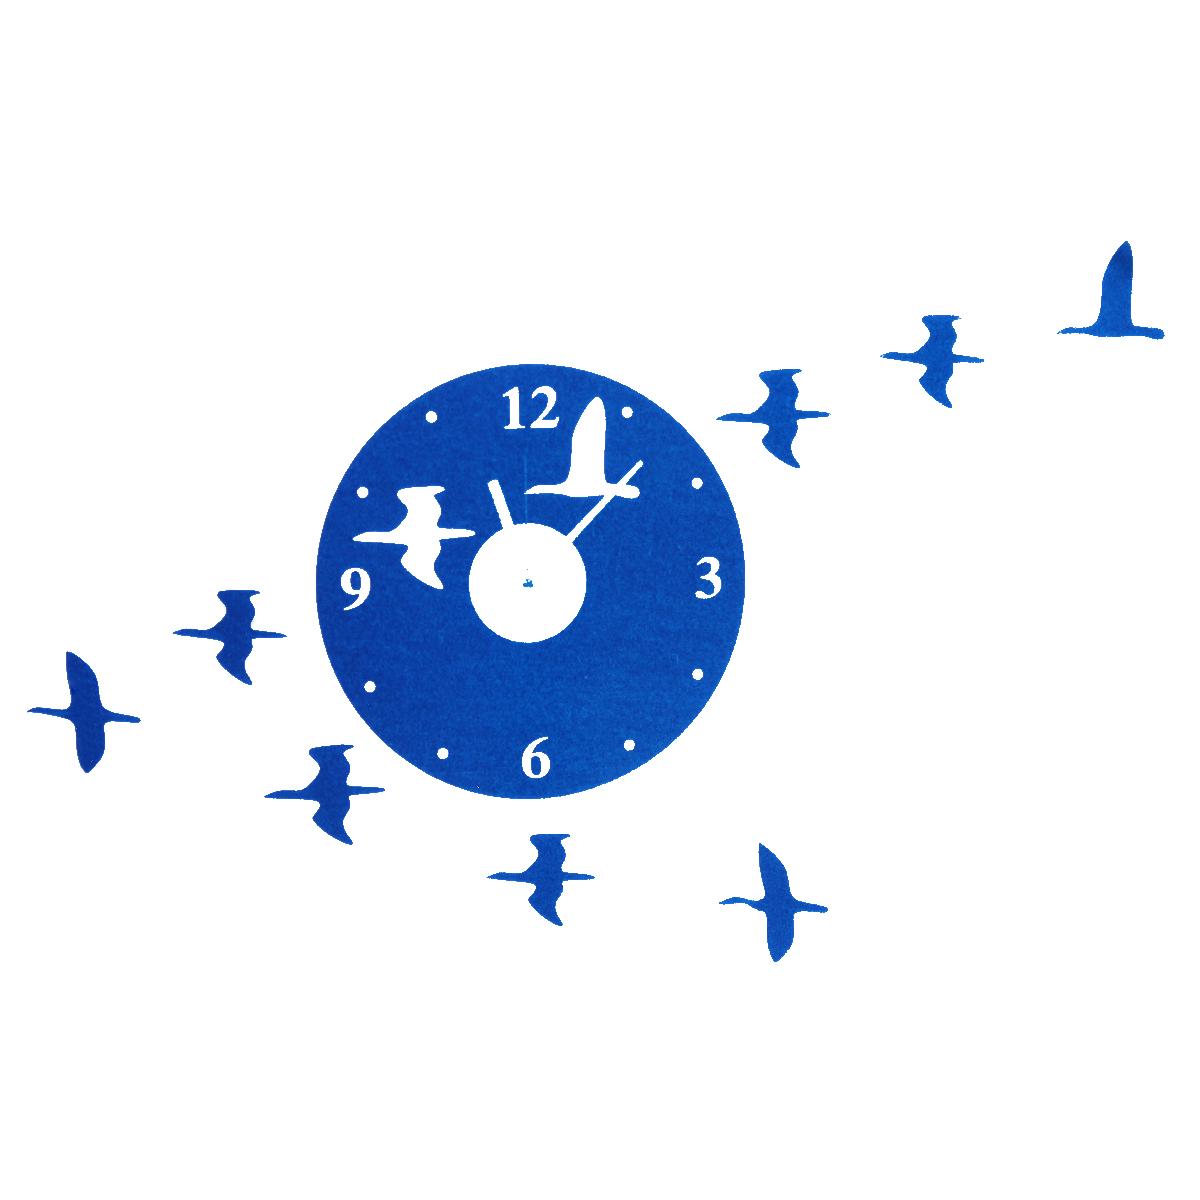 Diy orologio da parete muro home moderno decorazione casa for Orologio stickers